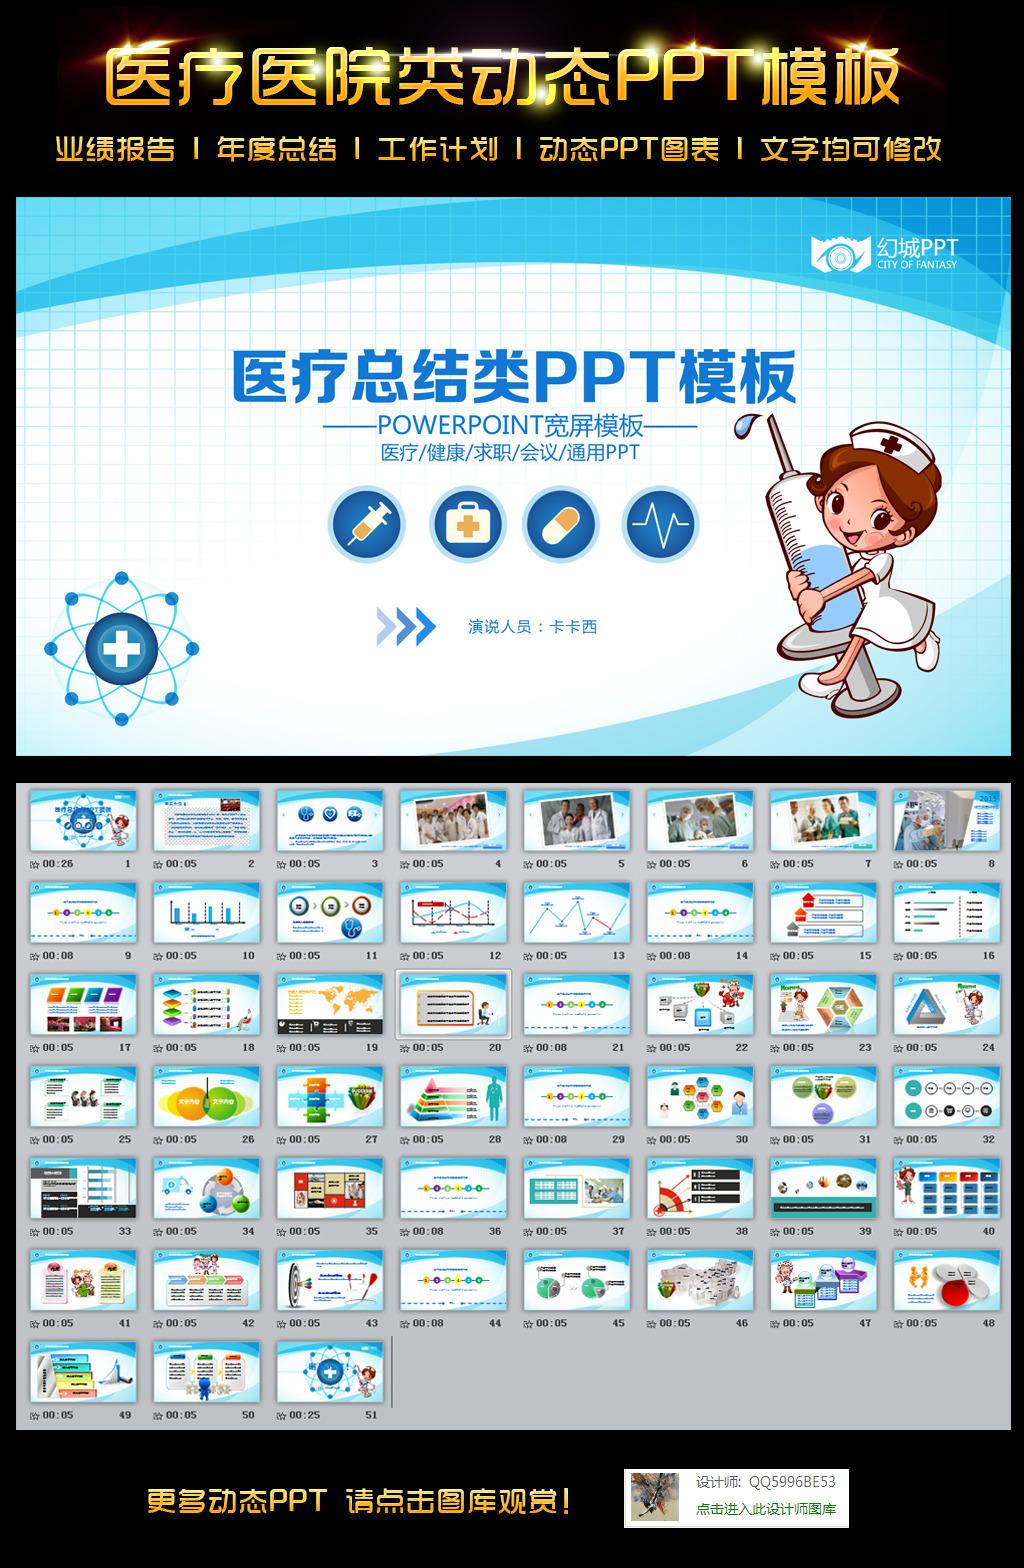 医院医疗卫生工作护士业绩报告讲座PPT模板下载 11966543 综合PPT